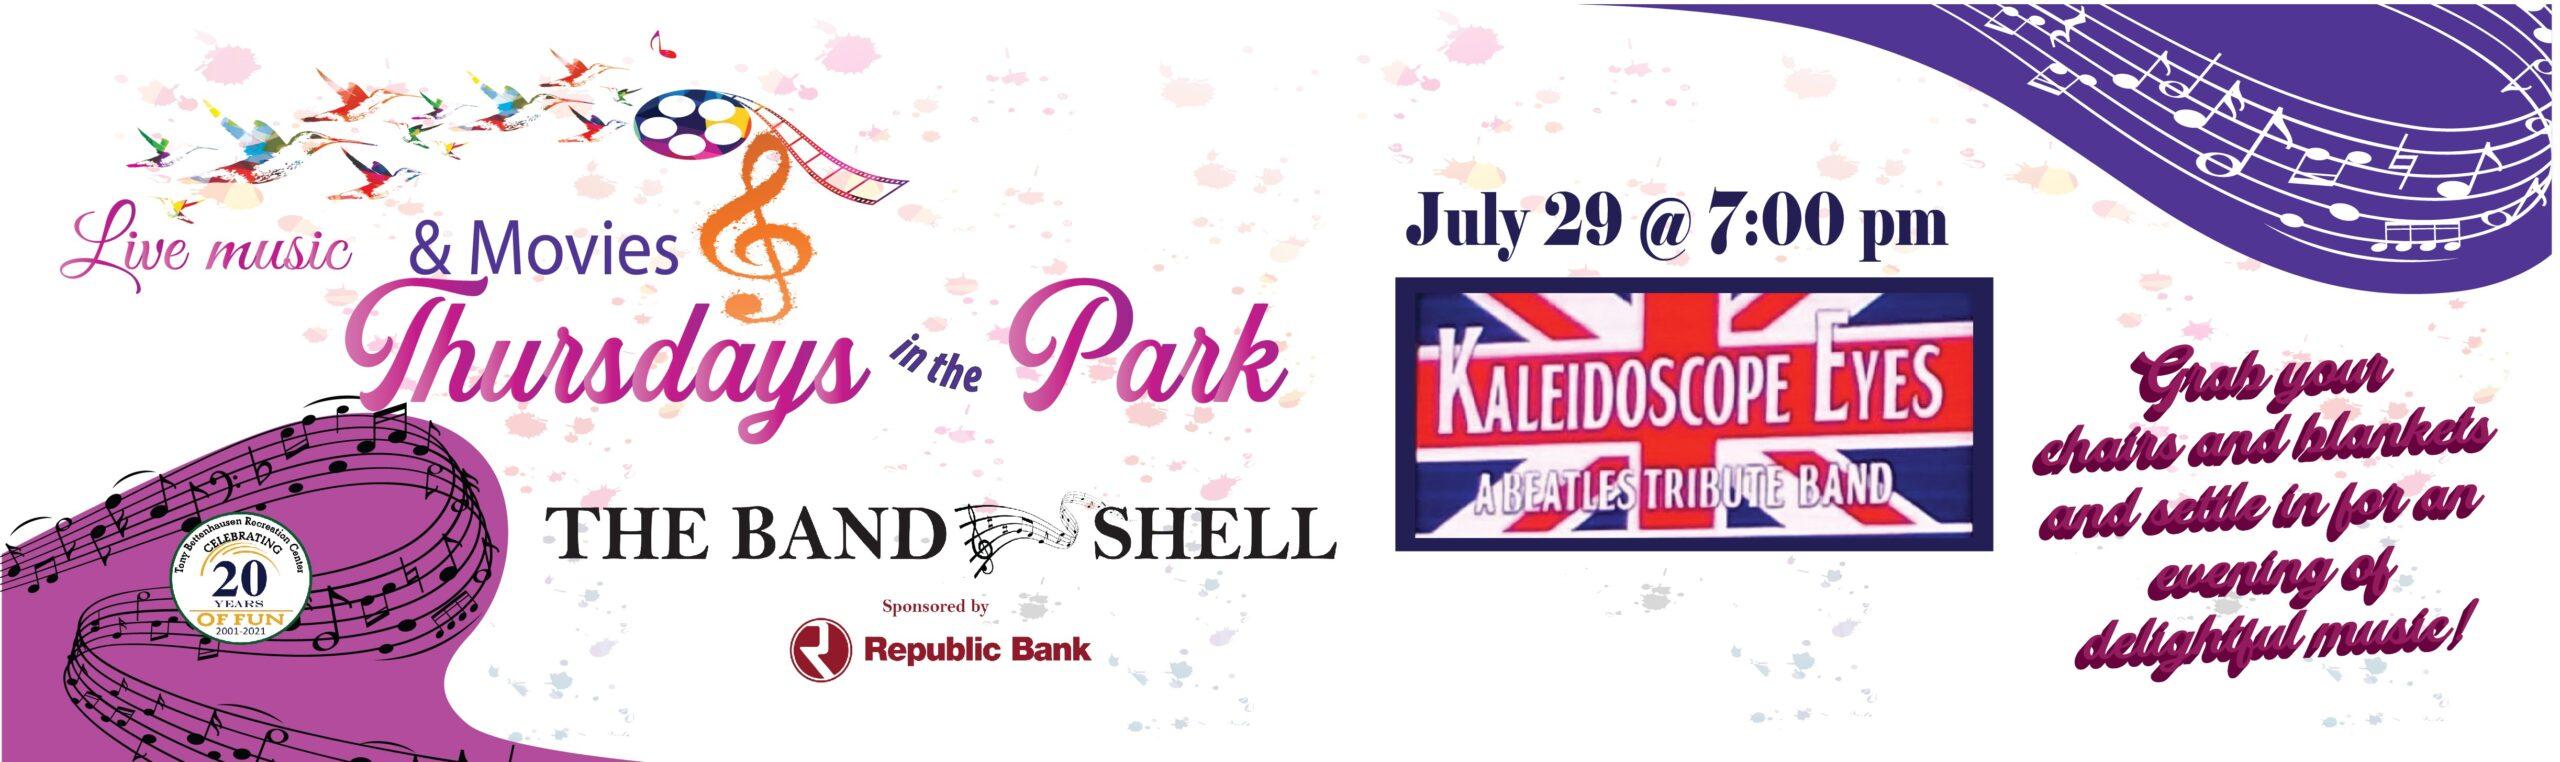 2021 Thursdays Concert Jul 29